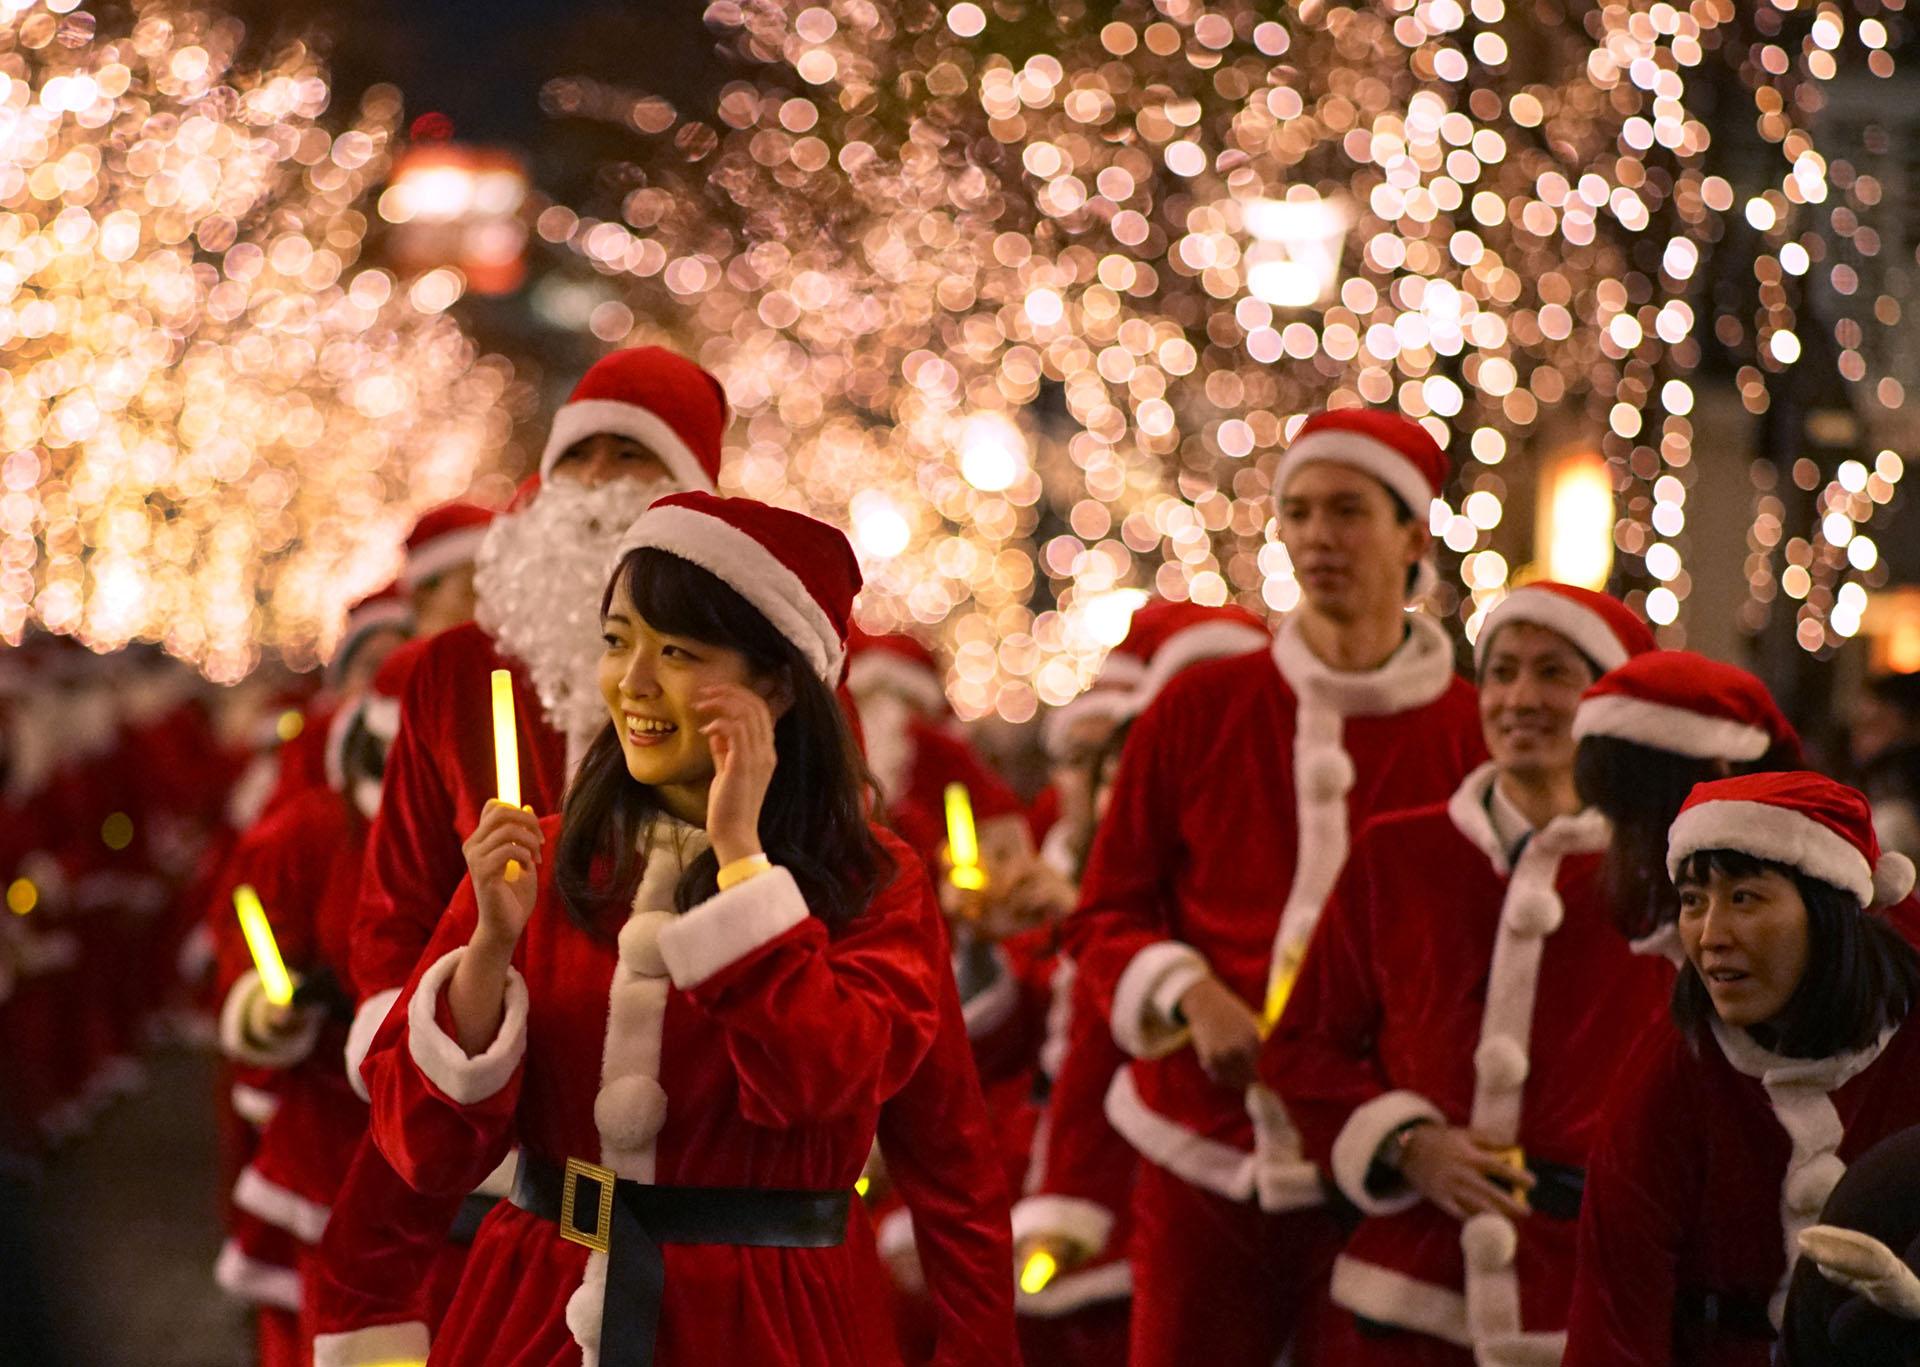 Personas disfrazadas de Papá Noel en Tokyo (Photo by Kazuhiro NOGI / AFP)